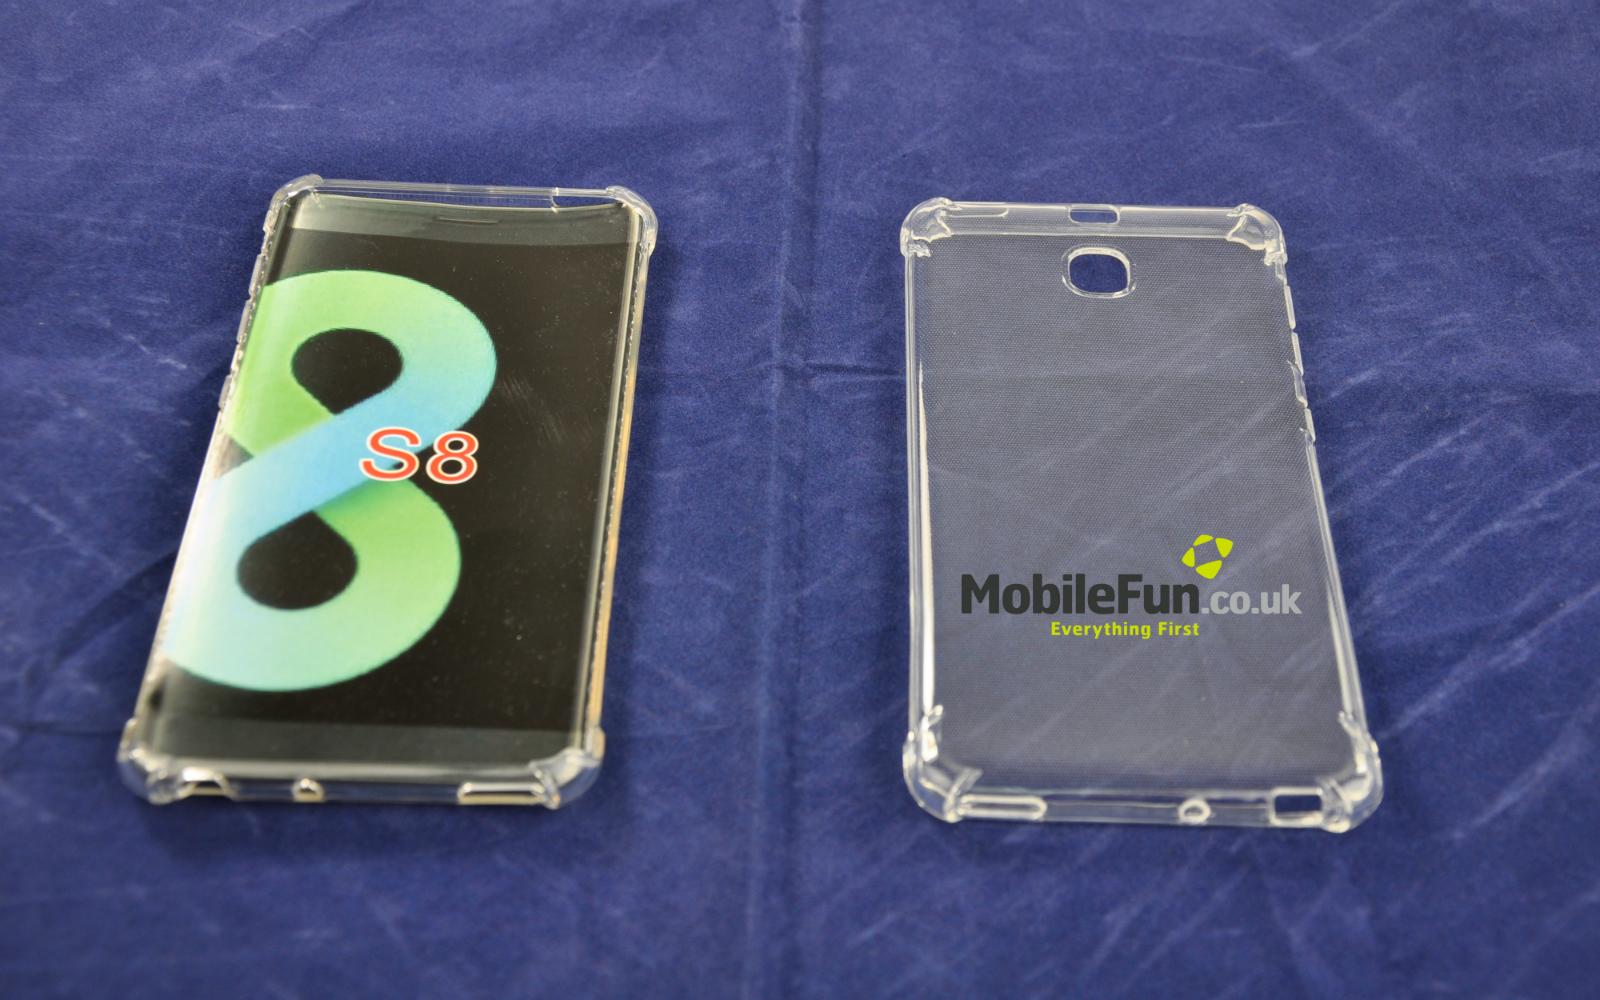 galaxy-s8-mobile-mun-leak-1